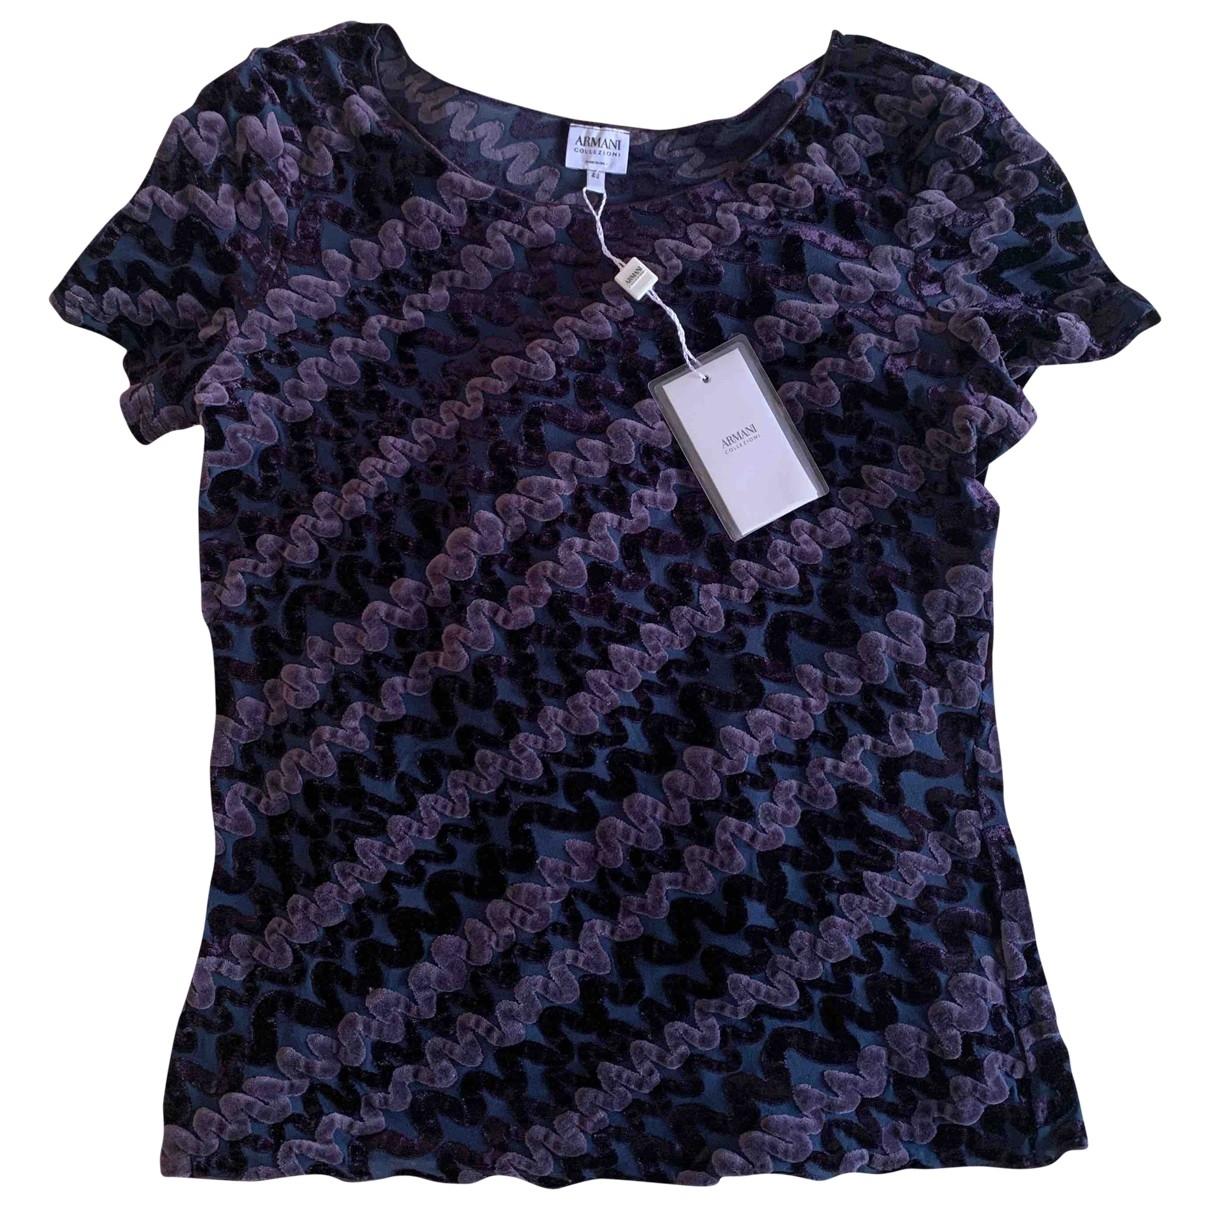 Armani Collezioni \N Purple  top for Women 48 IT